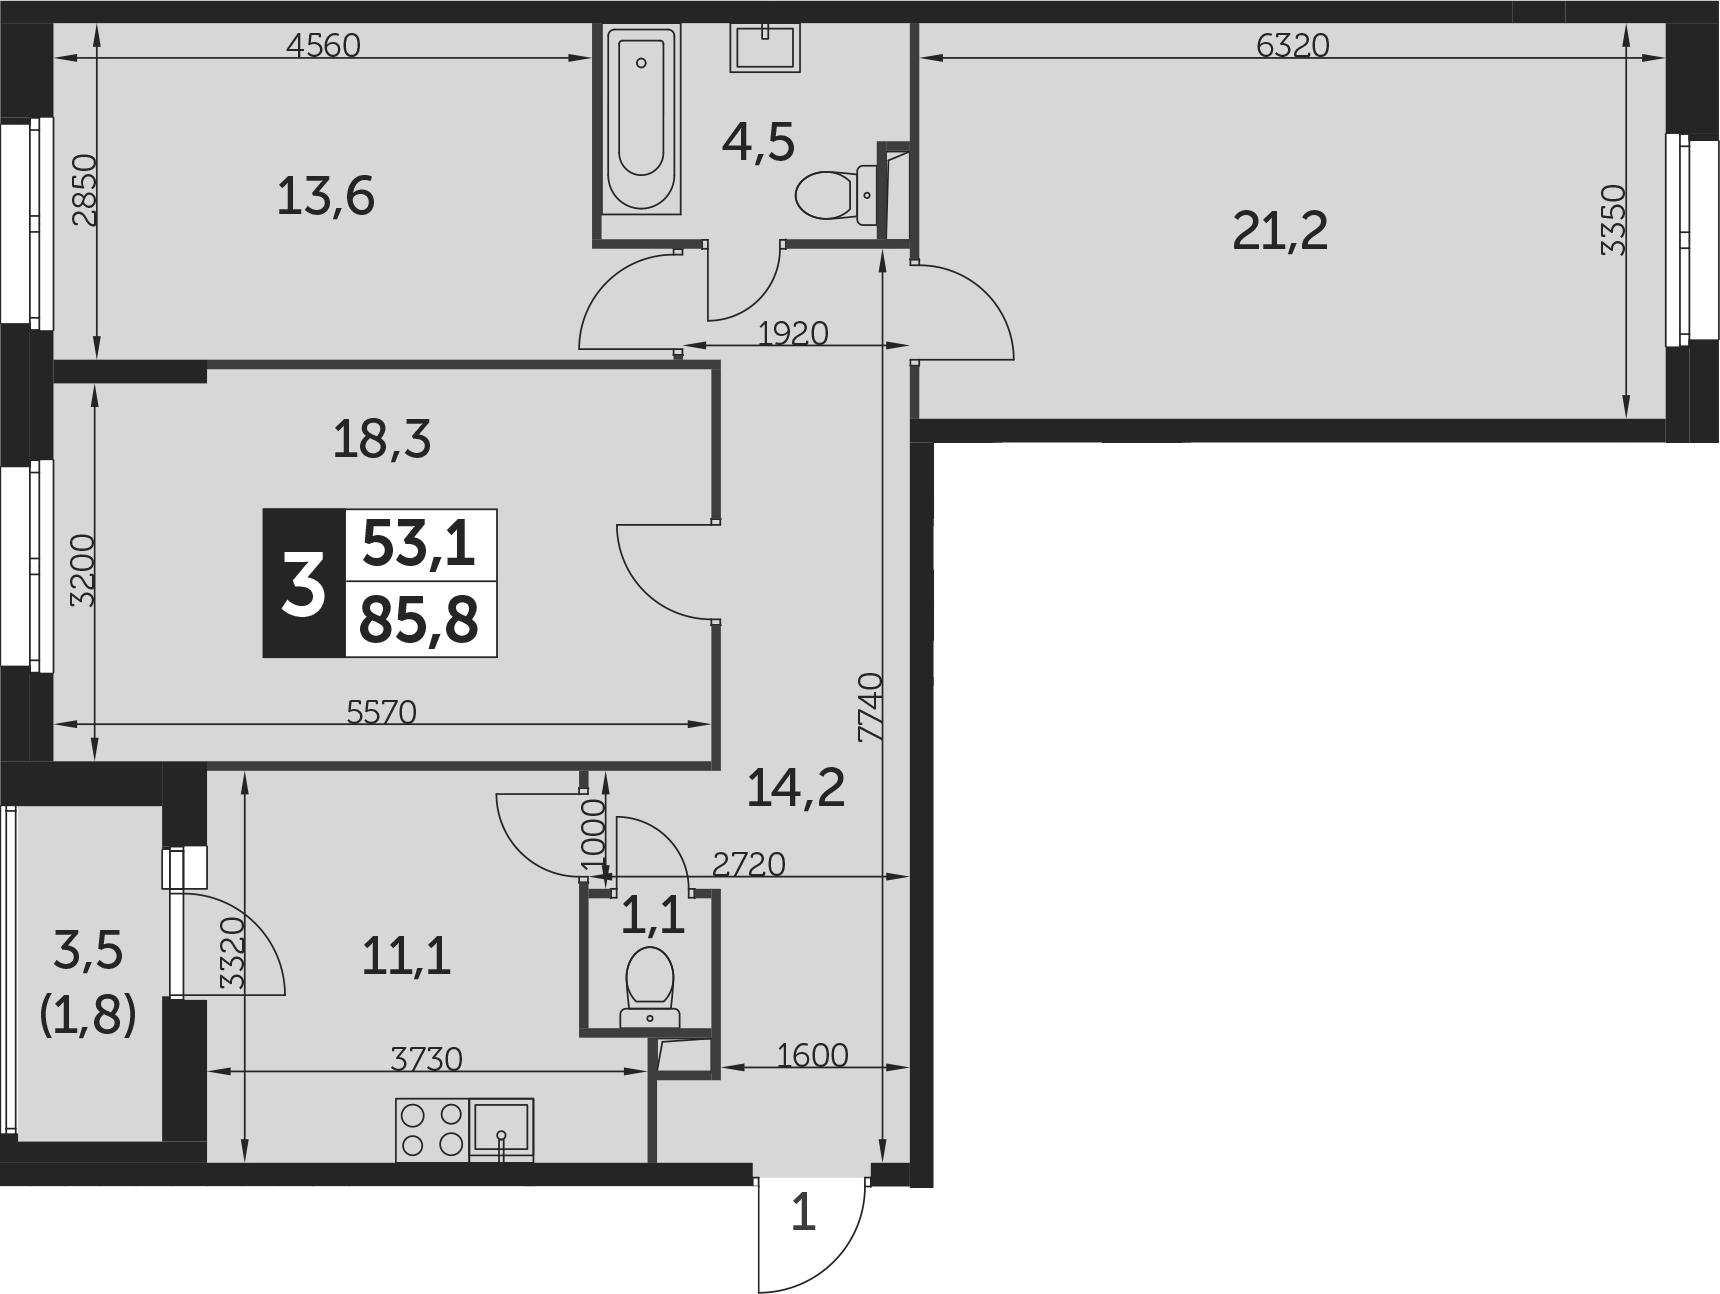 3-комнатная квартира, 85.8 м², 2 этаж – Планировка